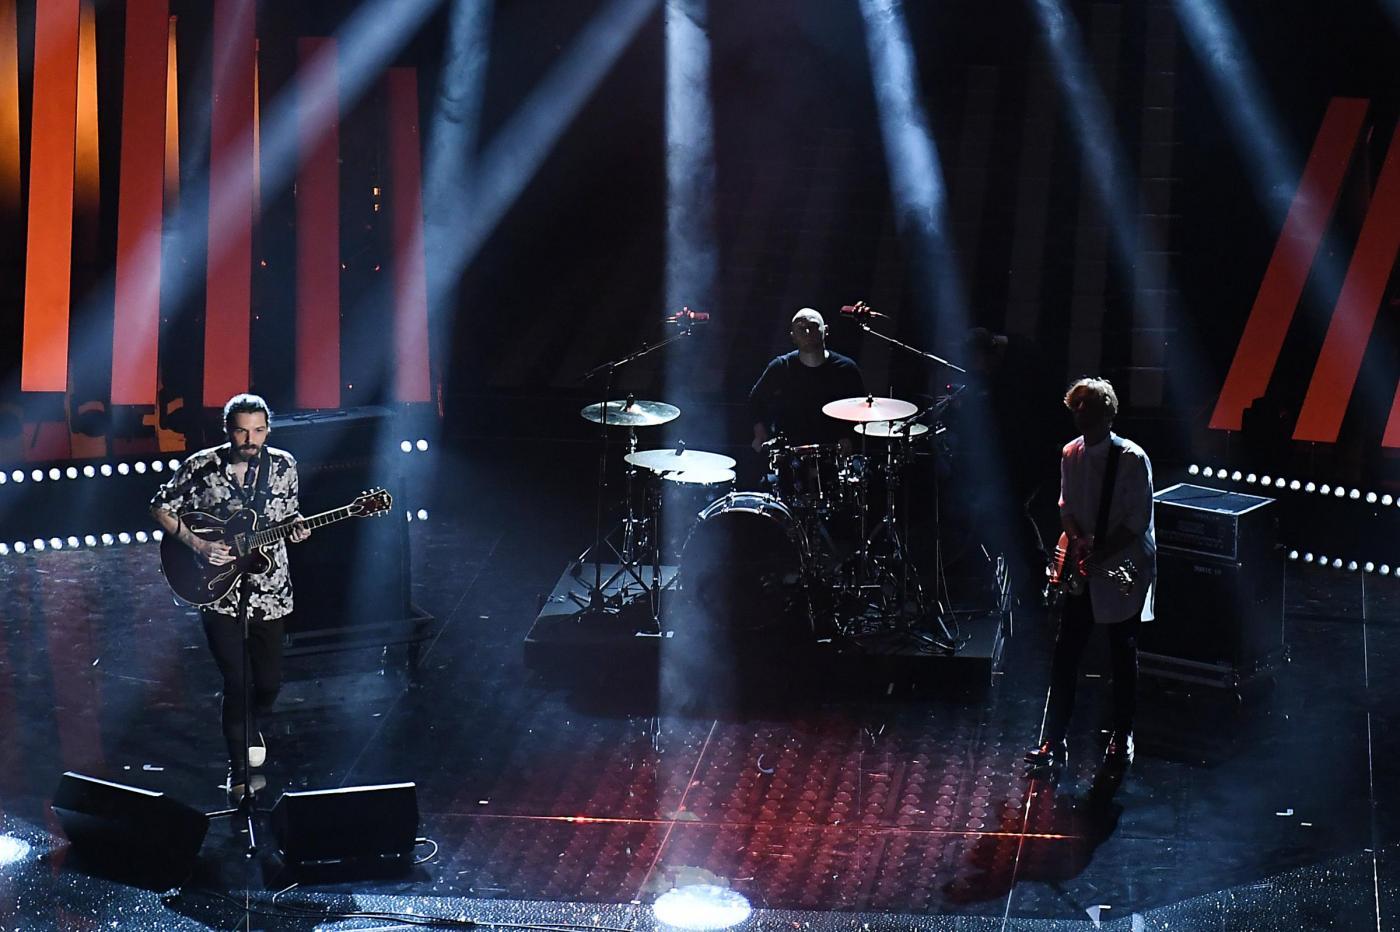 Biffy Clyro a Sanremo 2017, l'esibizione con il singolo Re-arrange